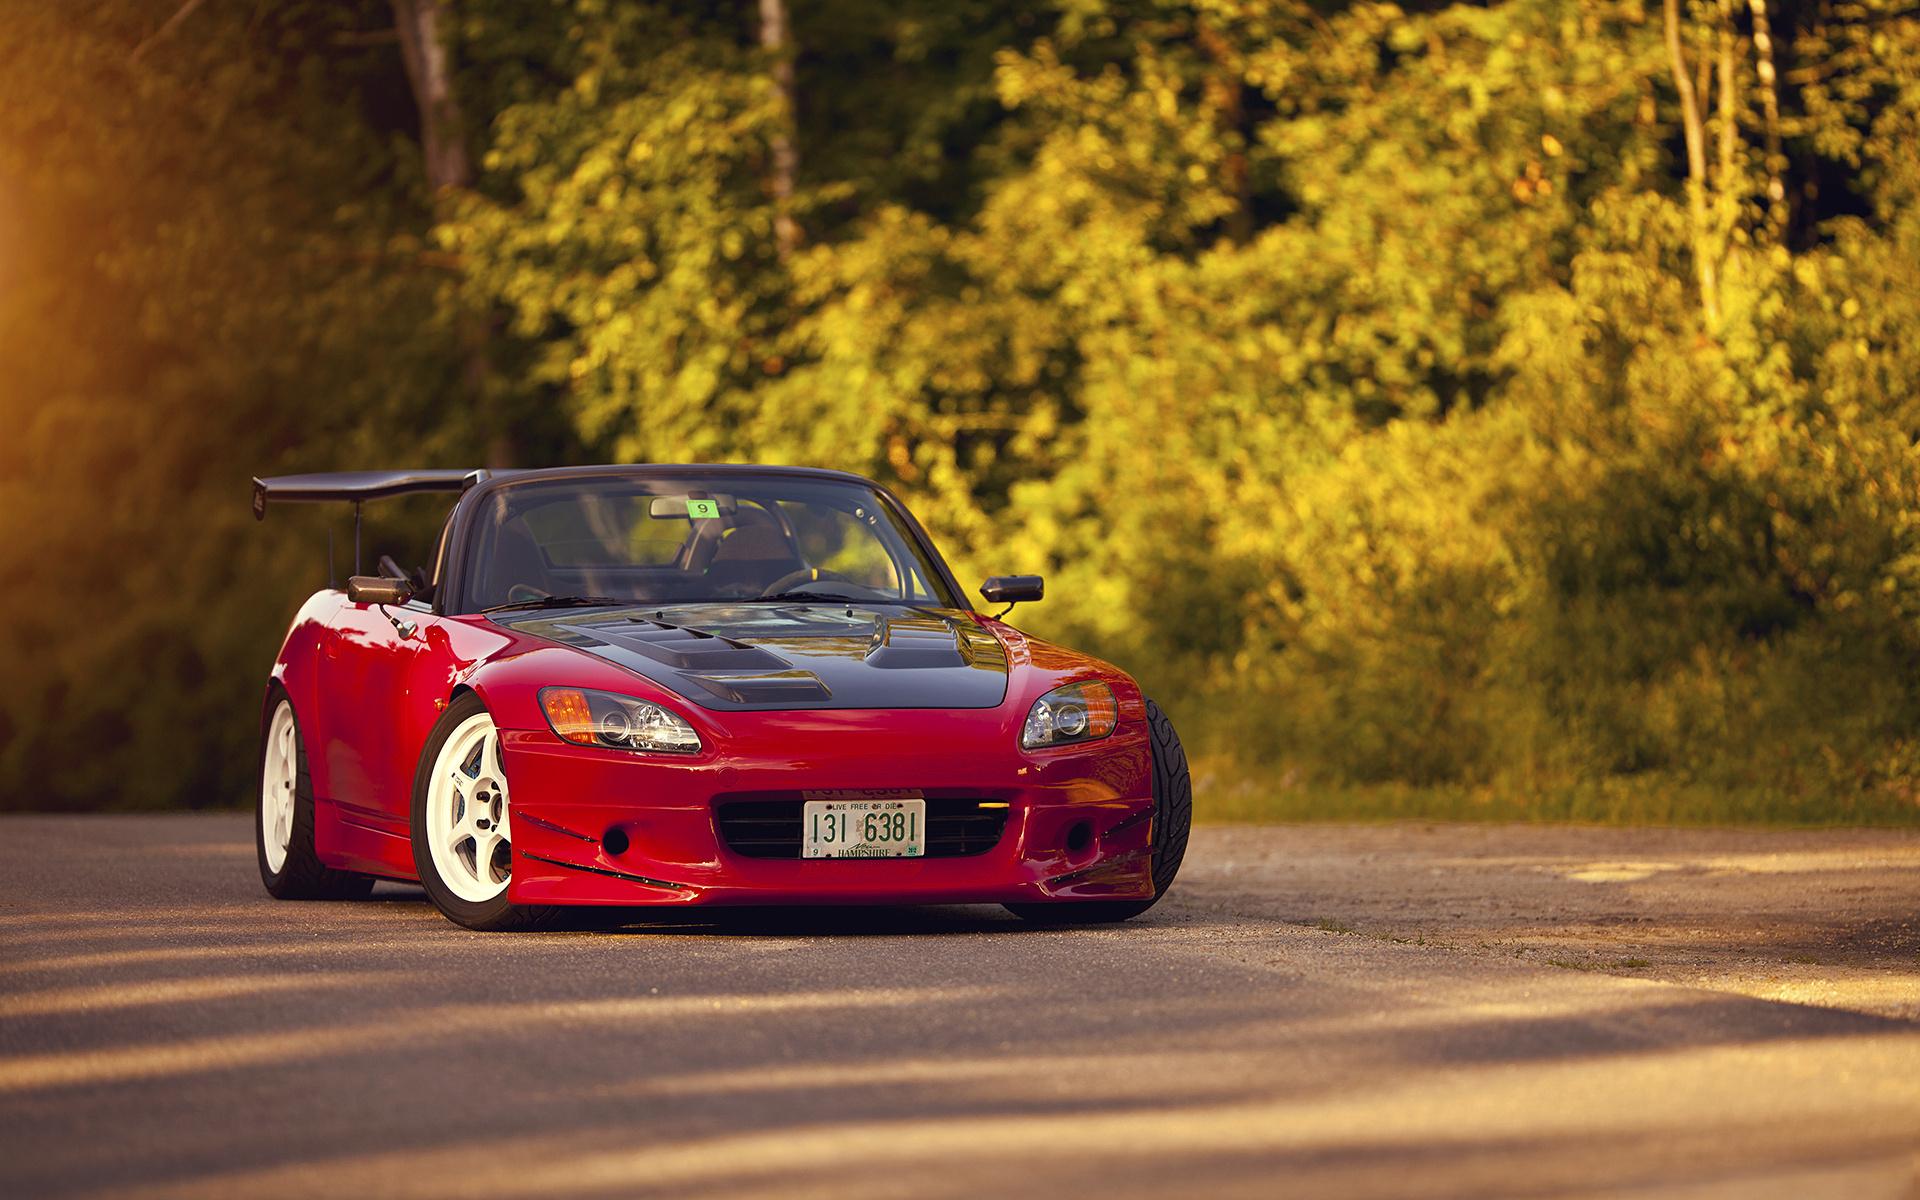 красный автомобиль honda бесплатно